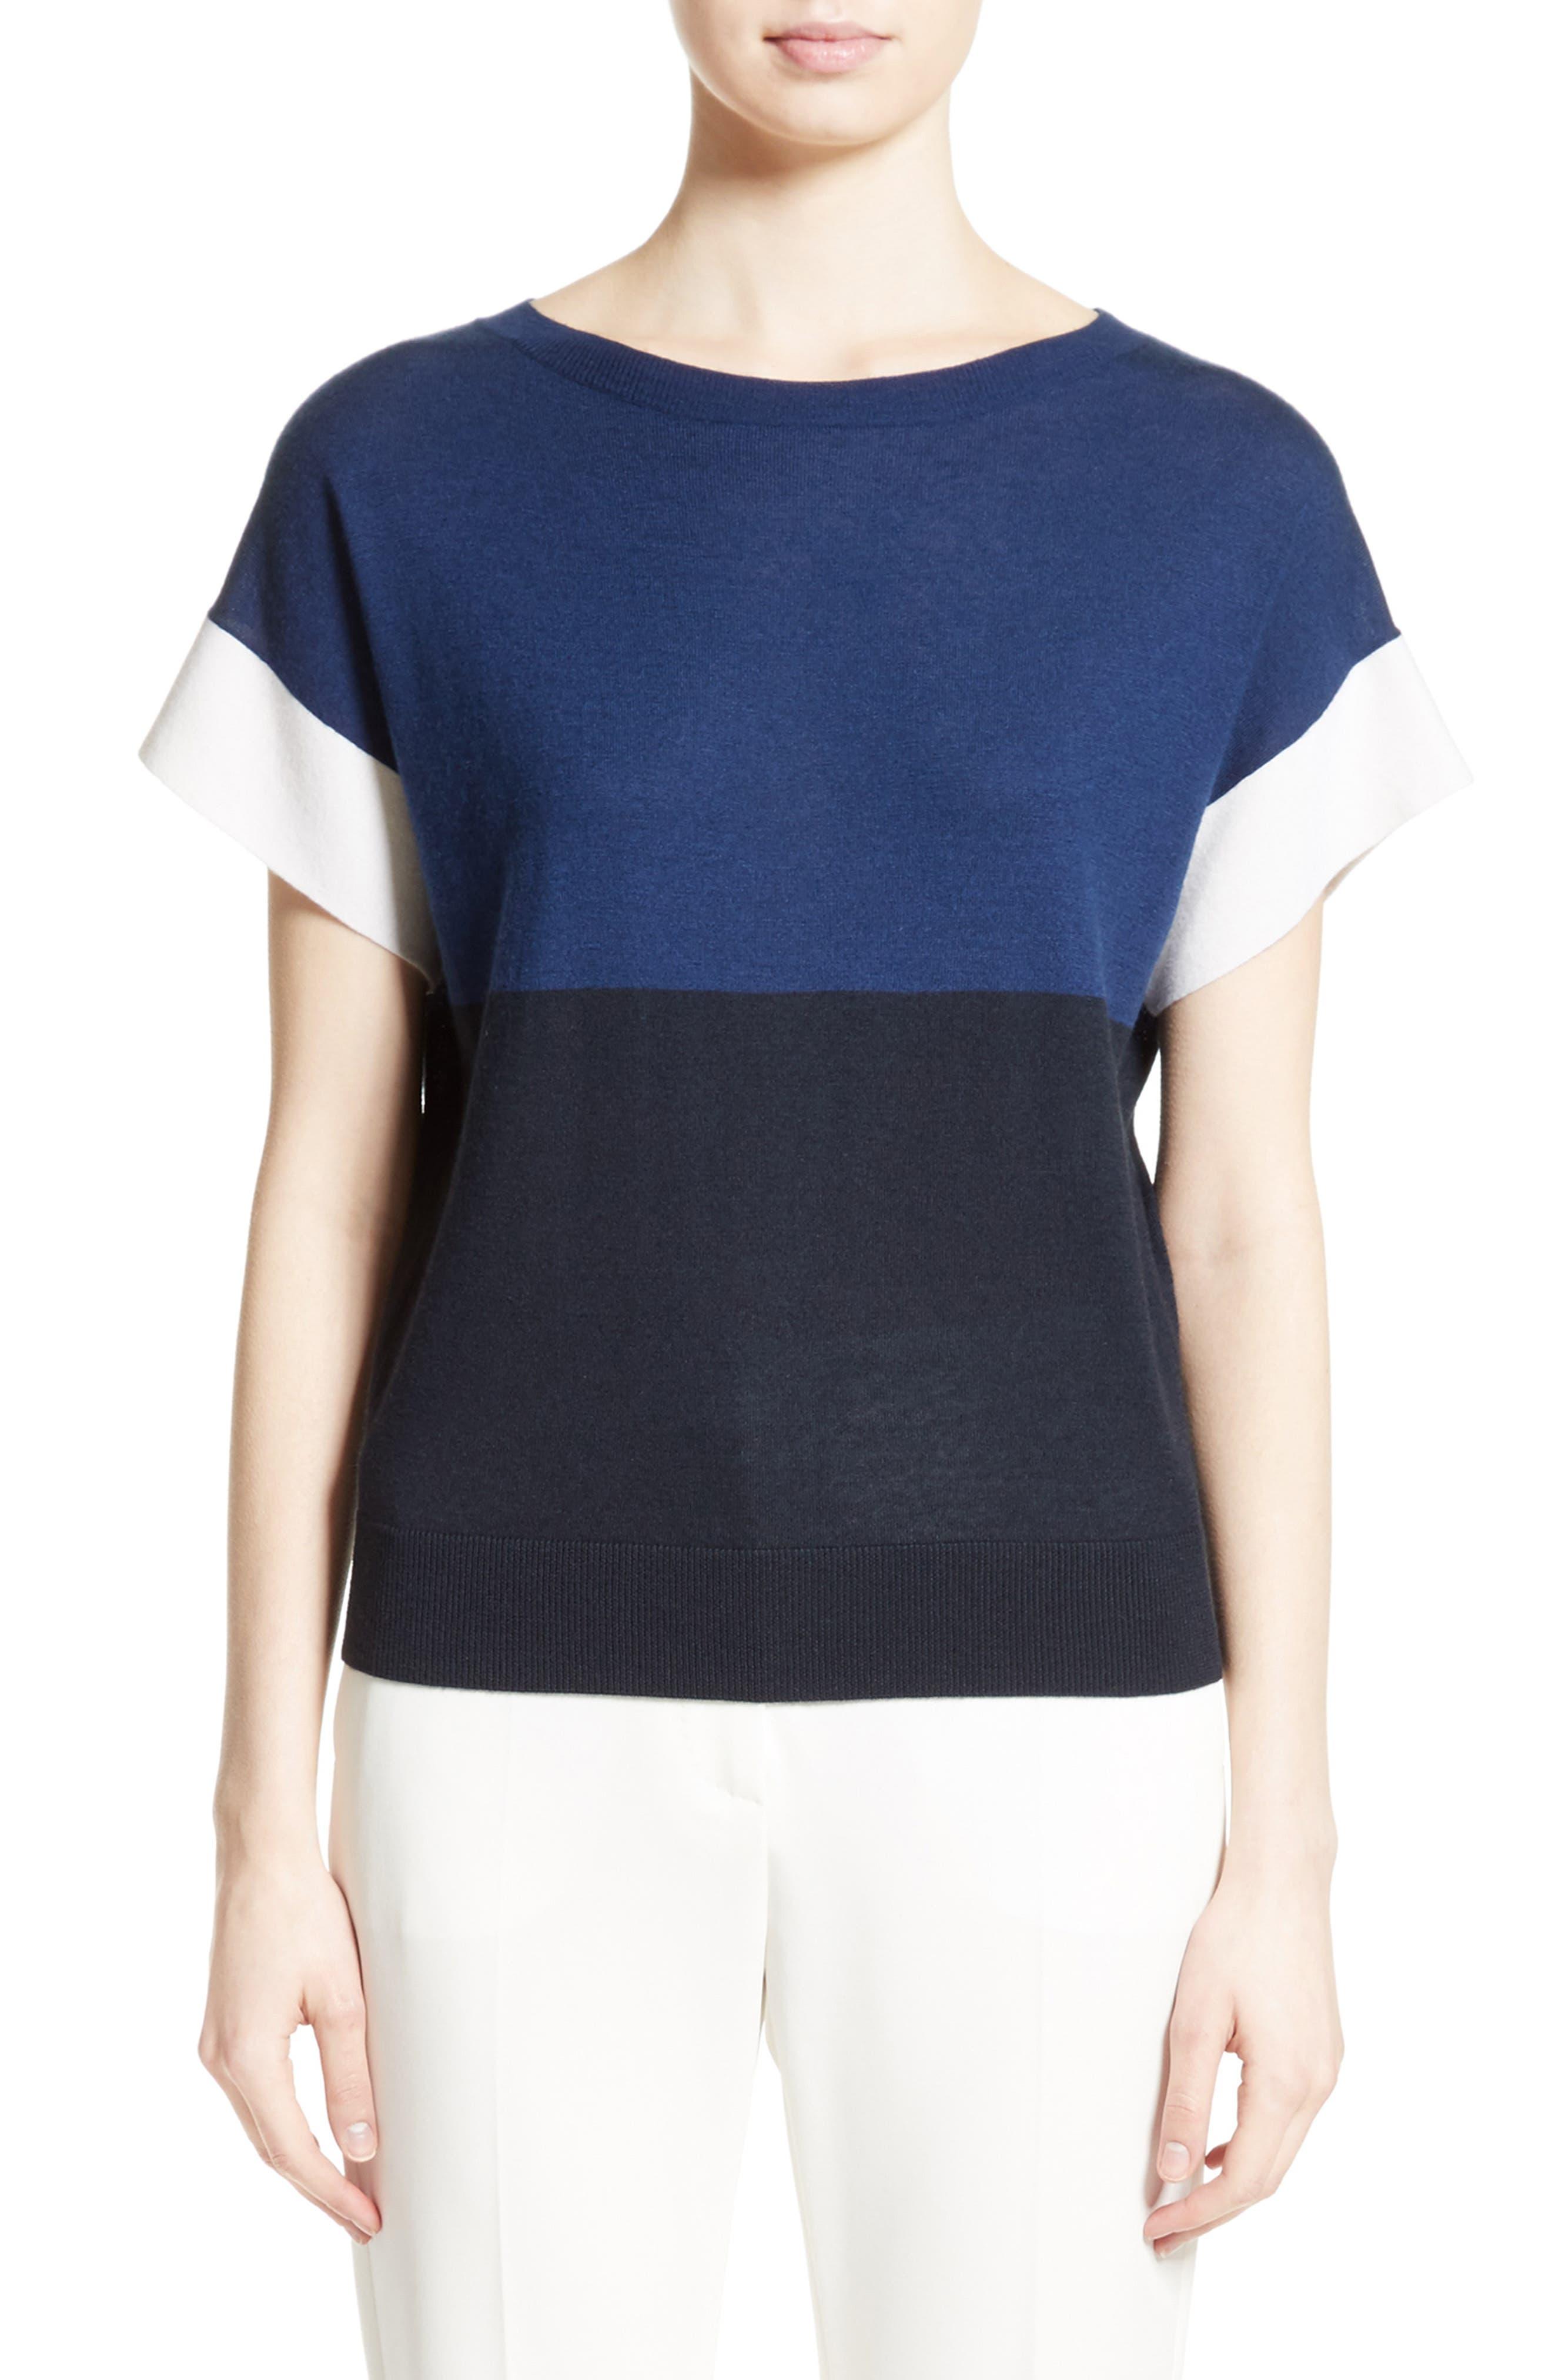 Colimbo Silk & Cashmere Top,                         Main,                         color, 411